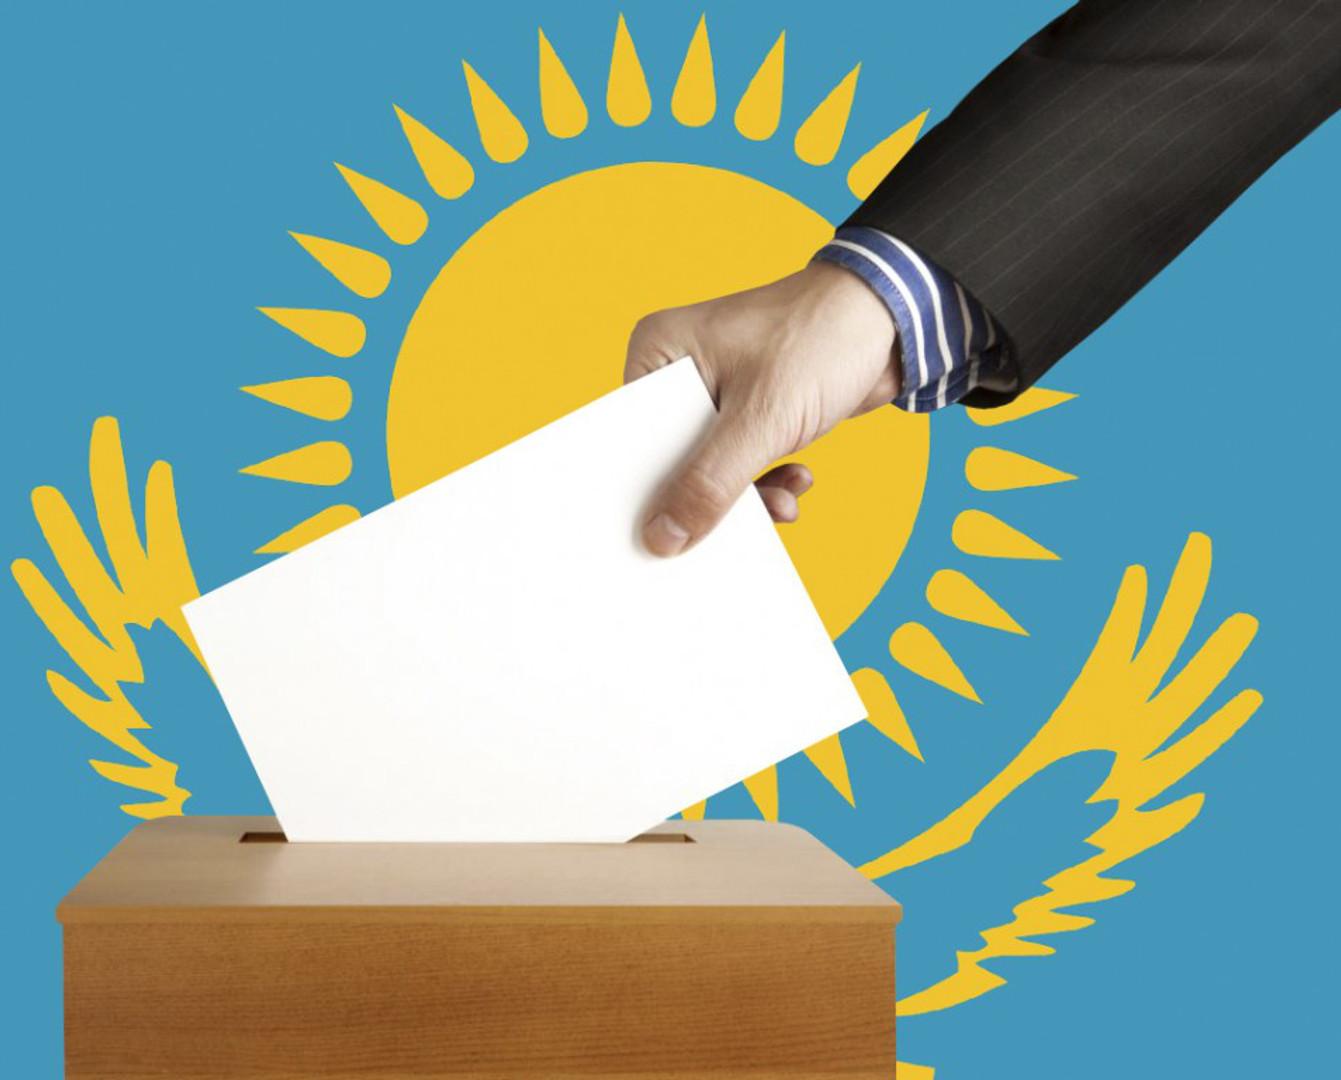 Партия «Нур Отан» будет участвовать в выборах – вице-спикер мажилиса